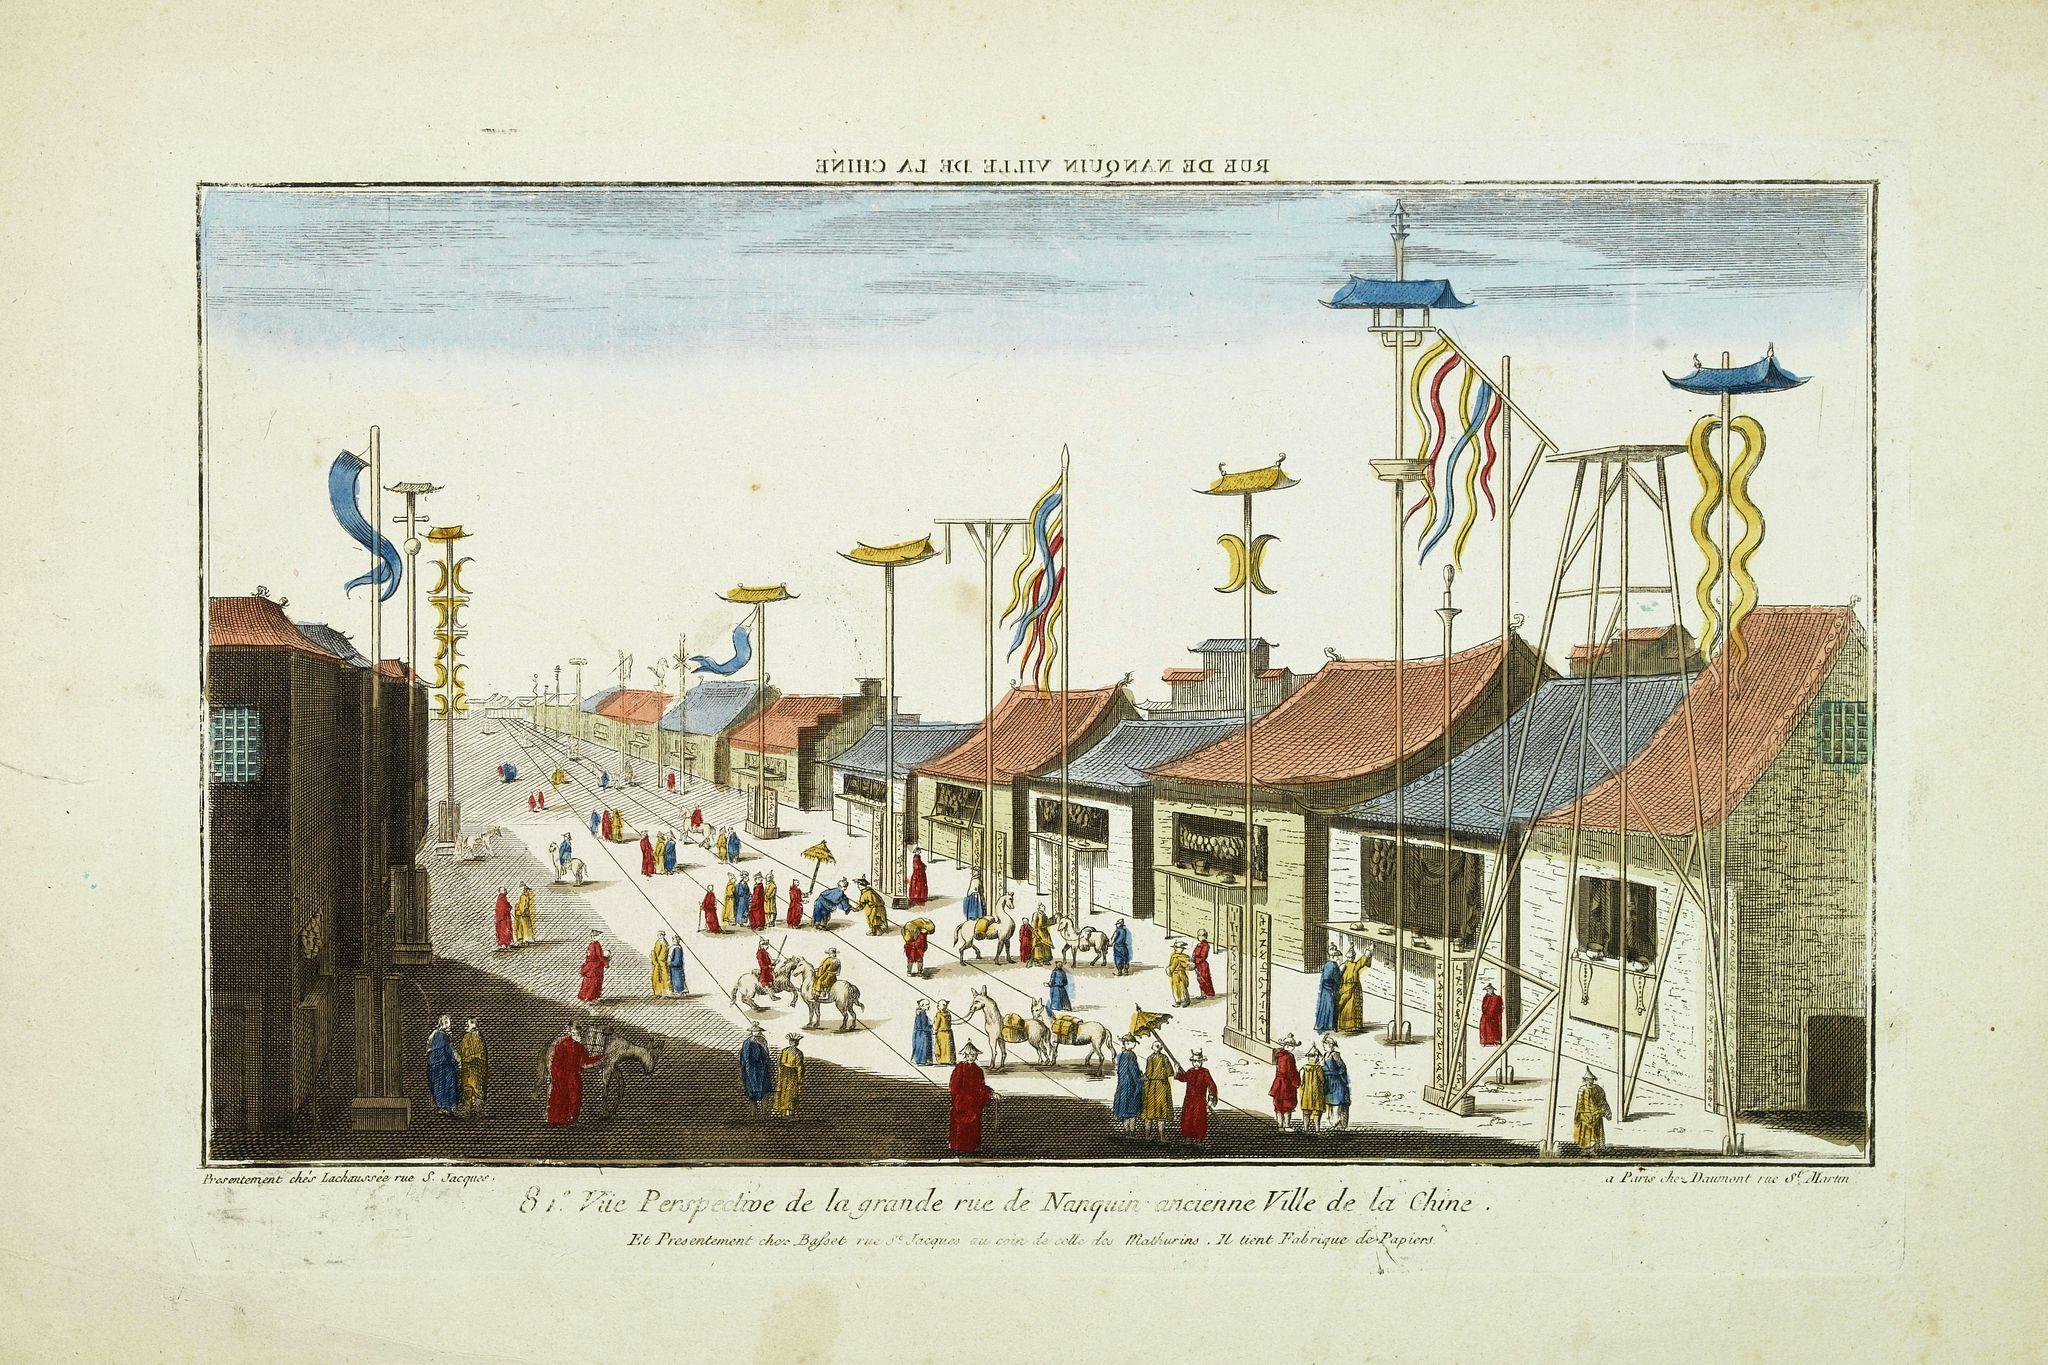 BASSET -  Vue perspective de la grande Rue de Nanquin ancienne Ville de la Chine.